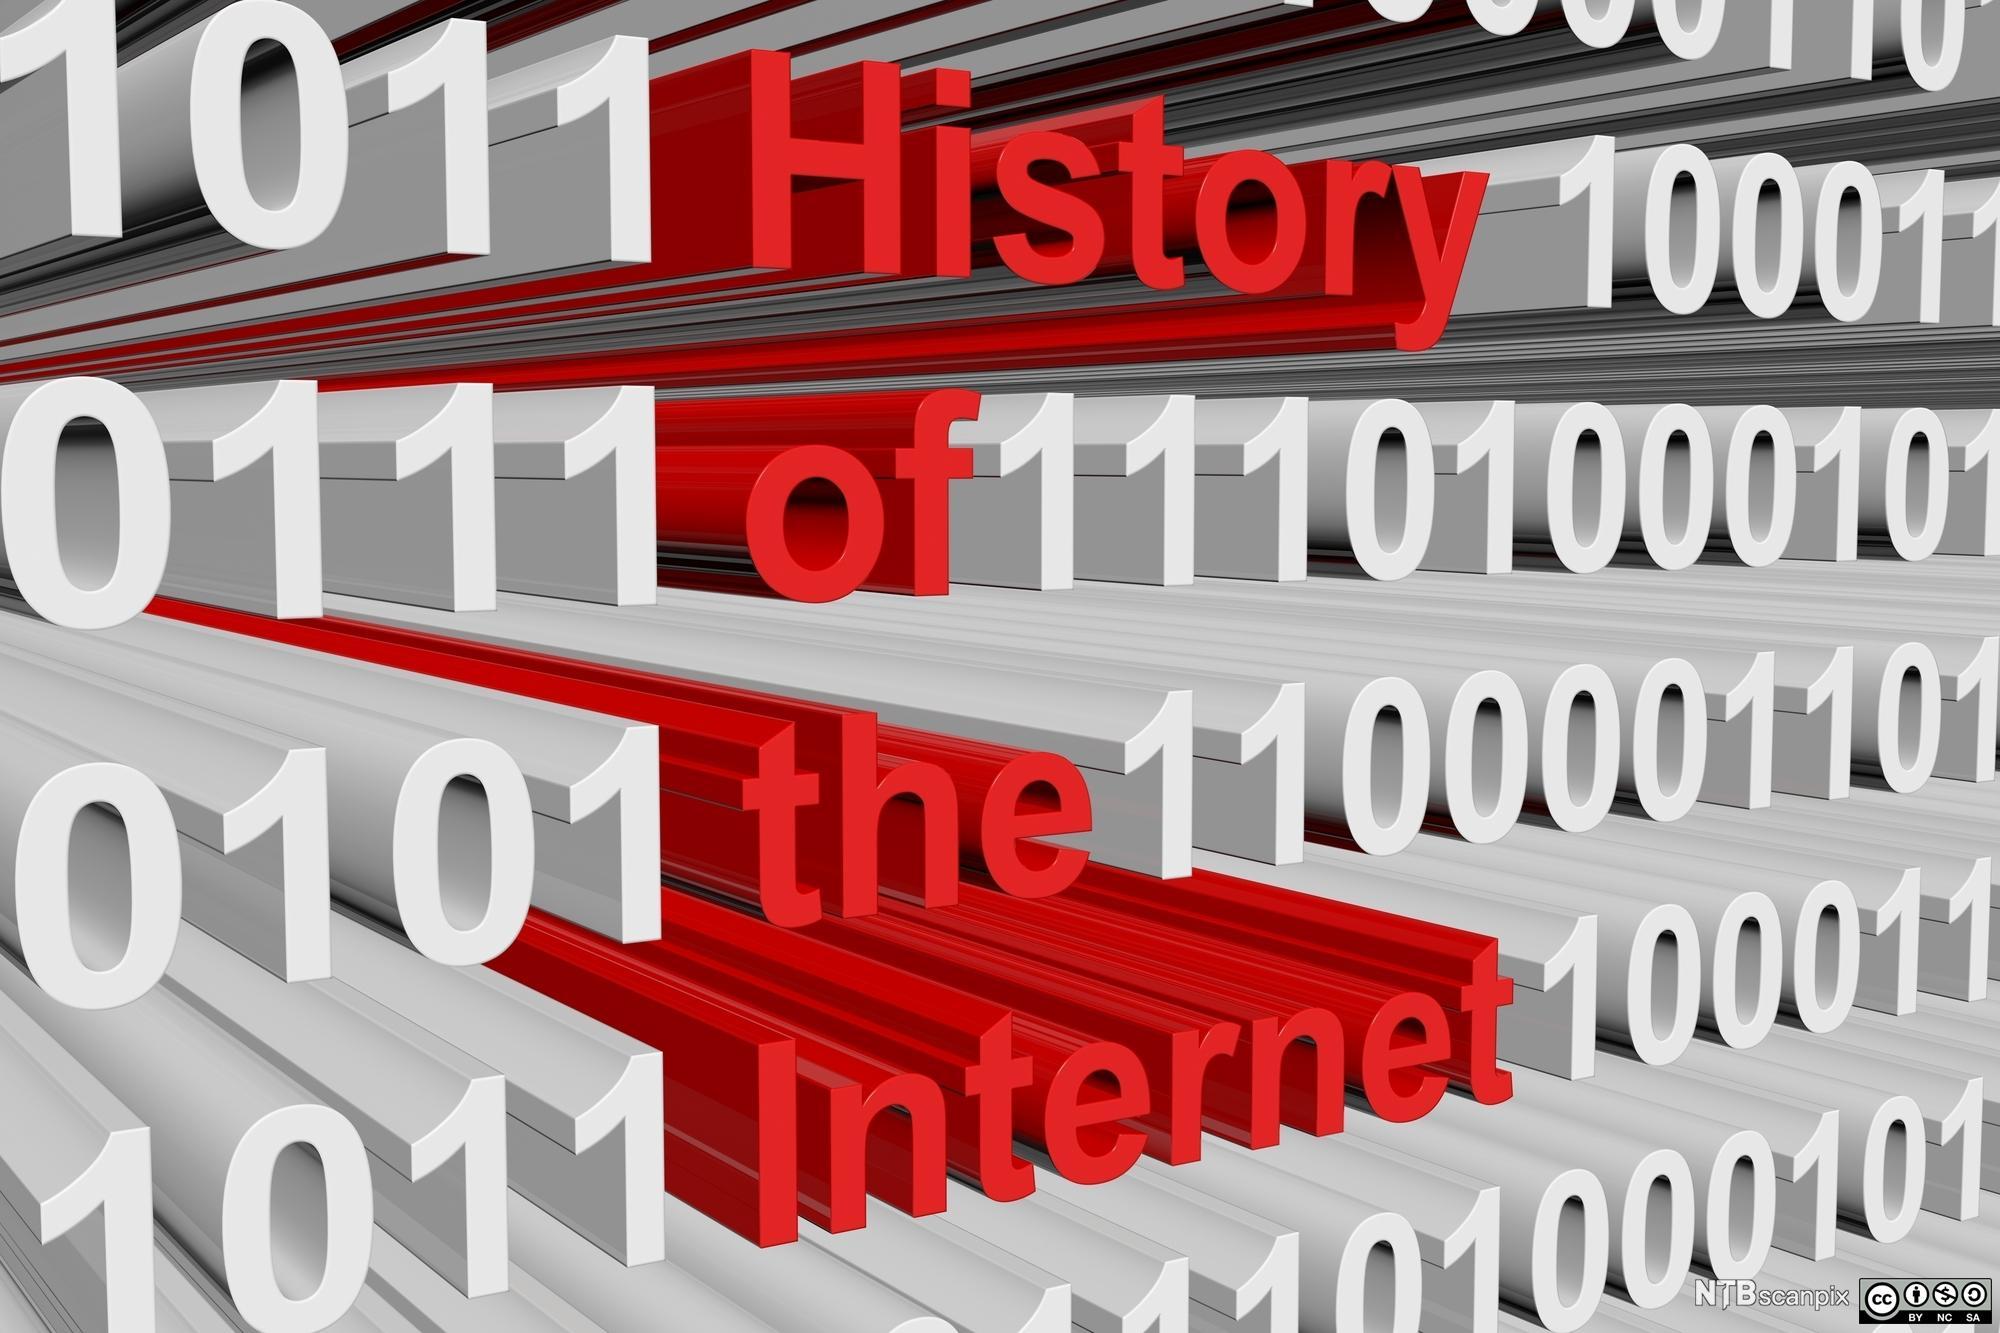 3a1759e4 rekker med tallene 0 og 1 og teksten Internetts historie. Illustrasjon.